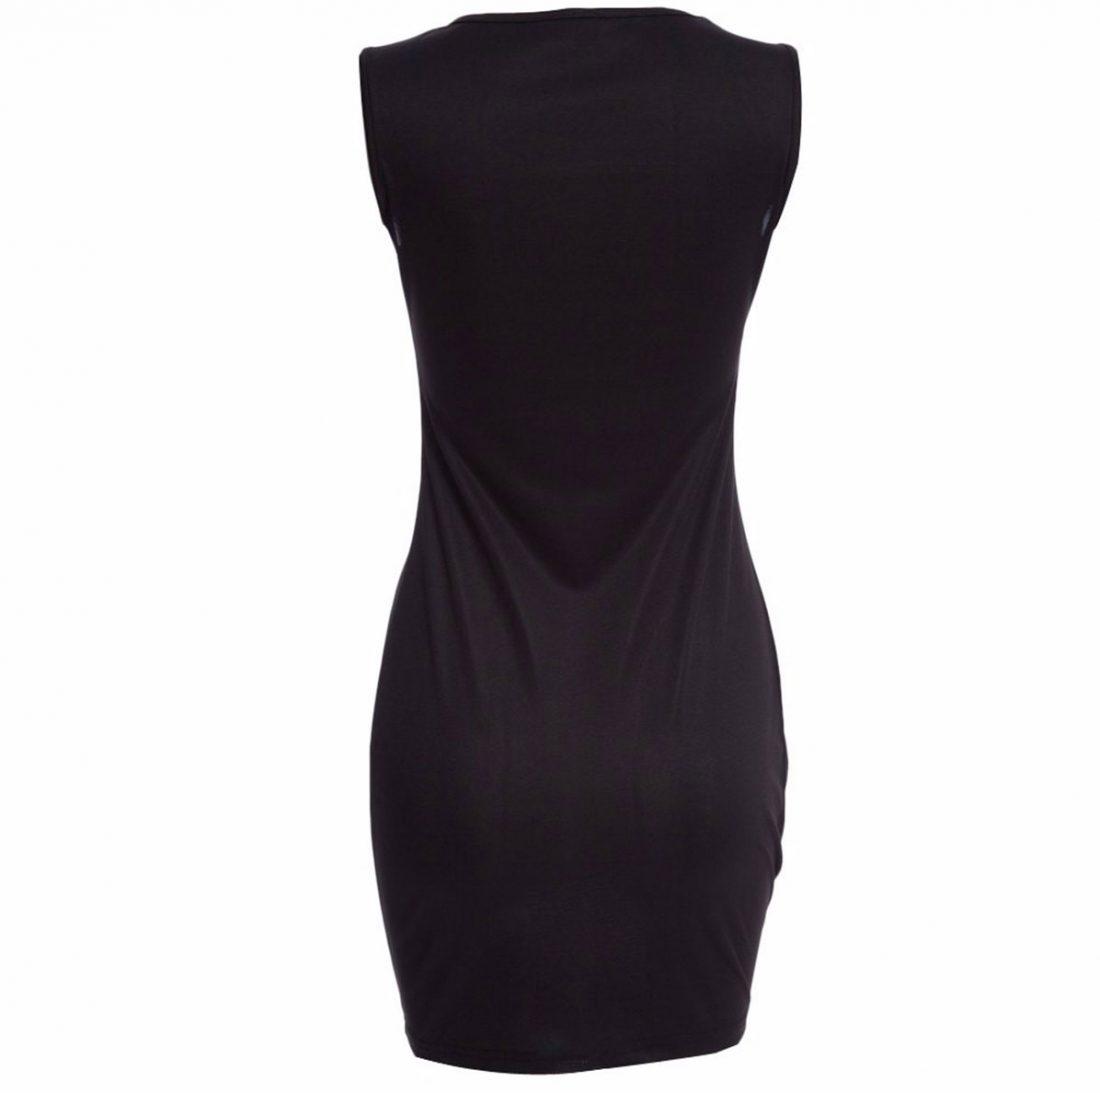 M0176 black2 Party Dresses maureens.com boutique